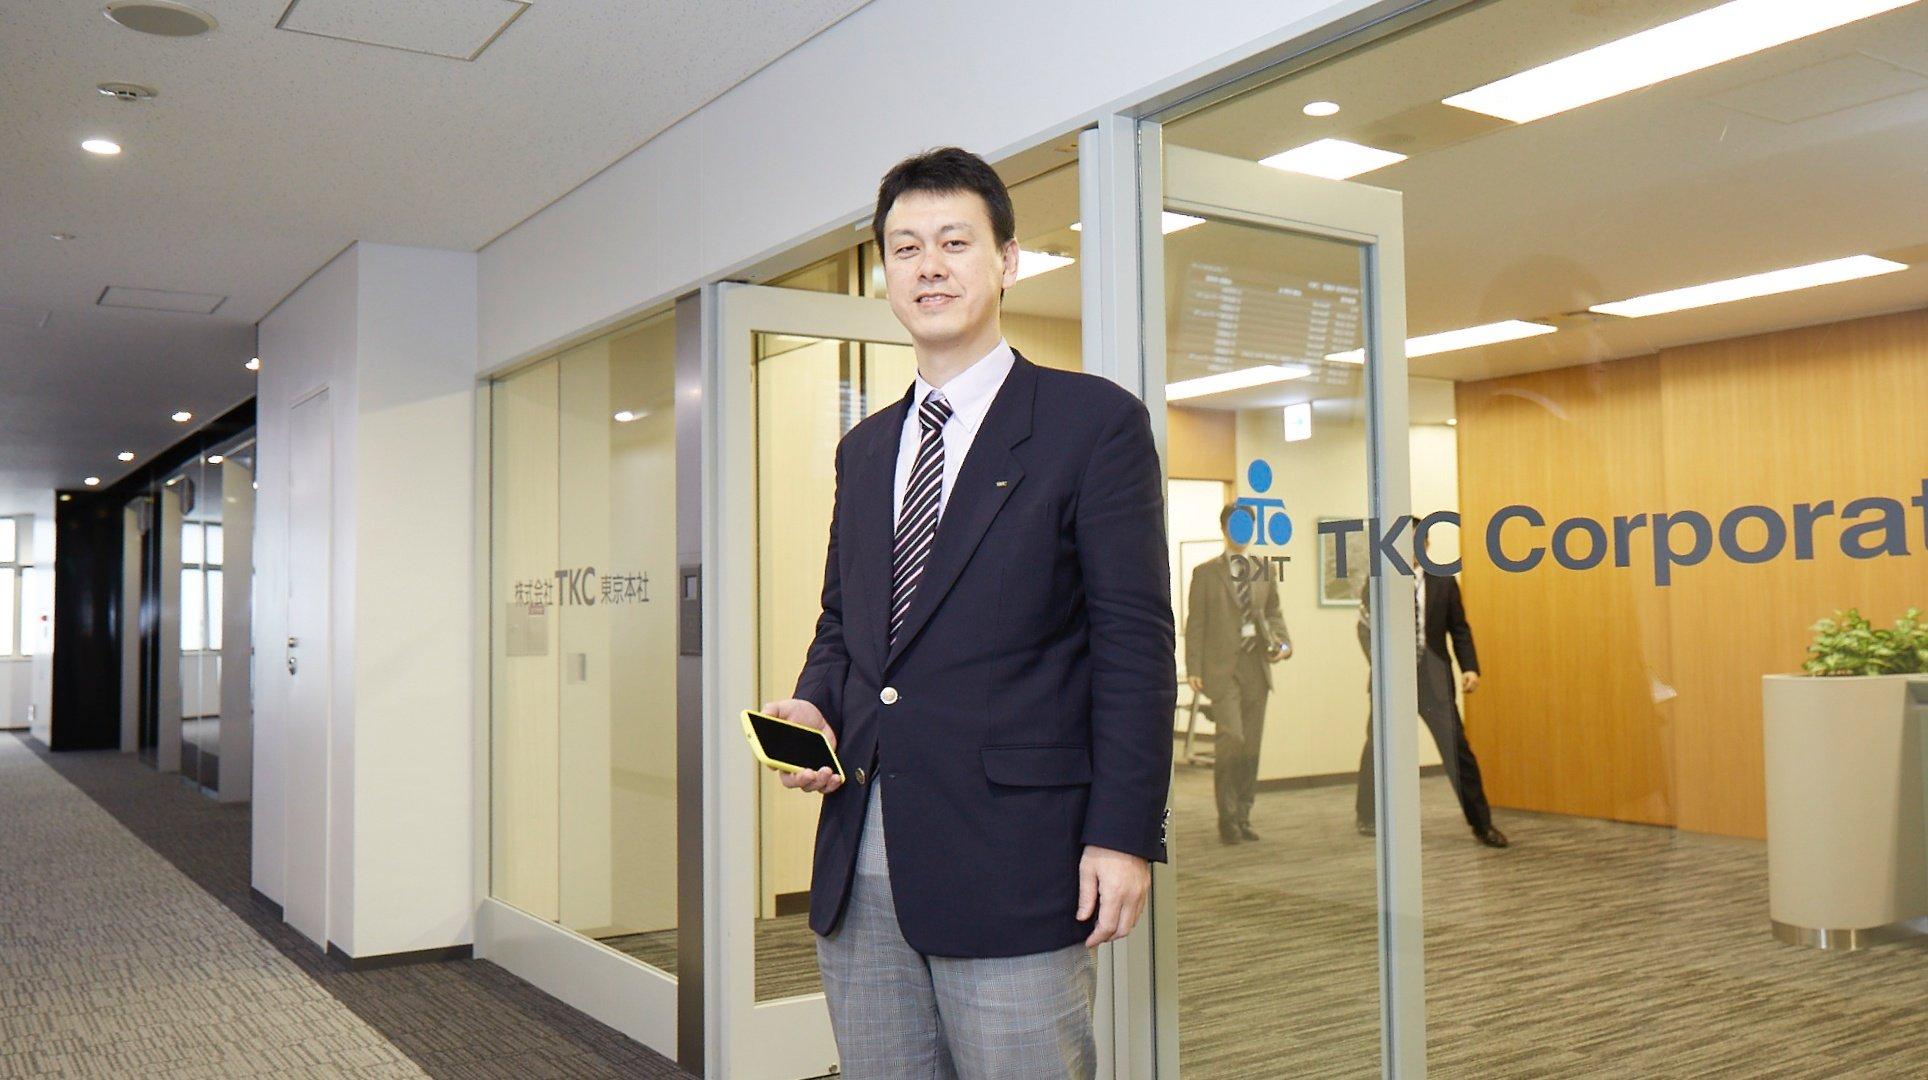 TKC 取締役 執行役員 システム開発研究所長 魚谷 仁司氏